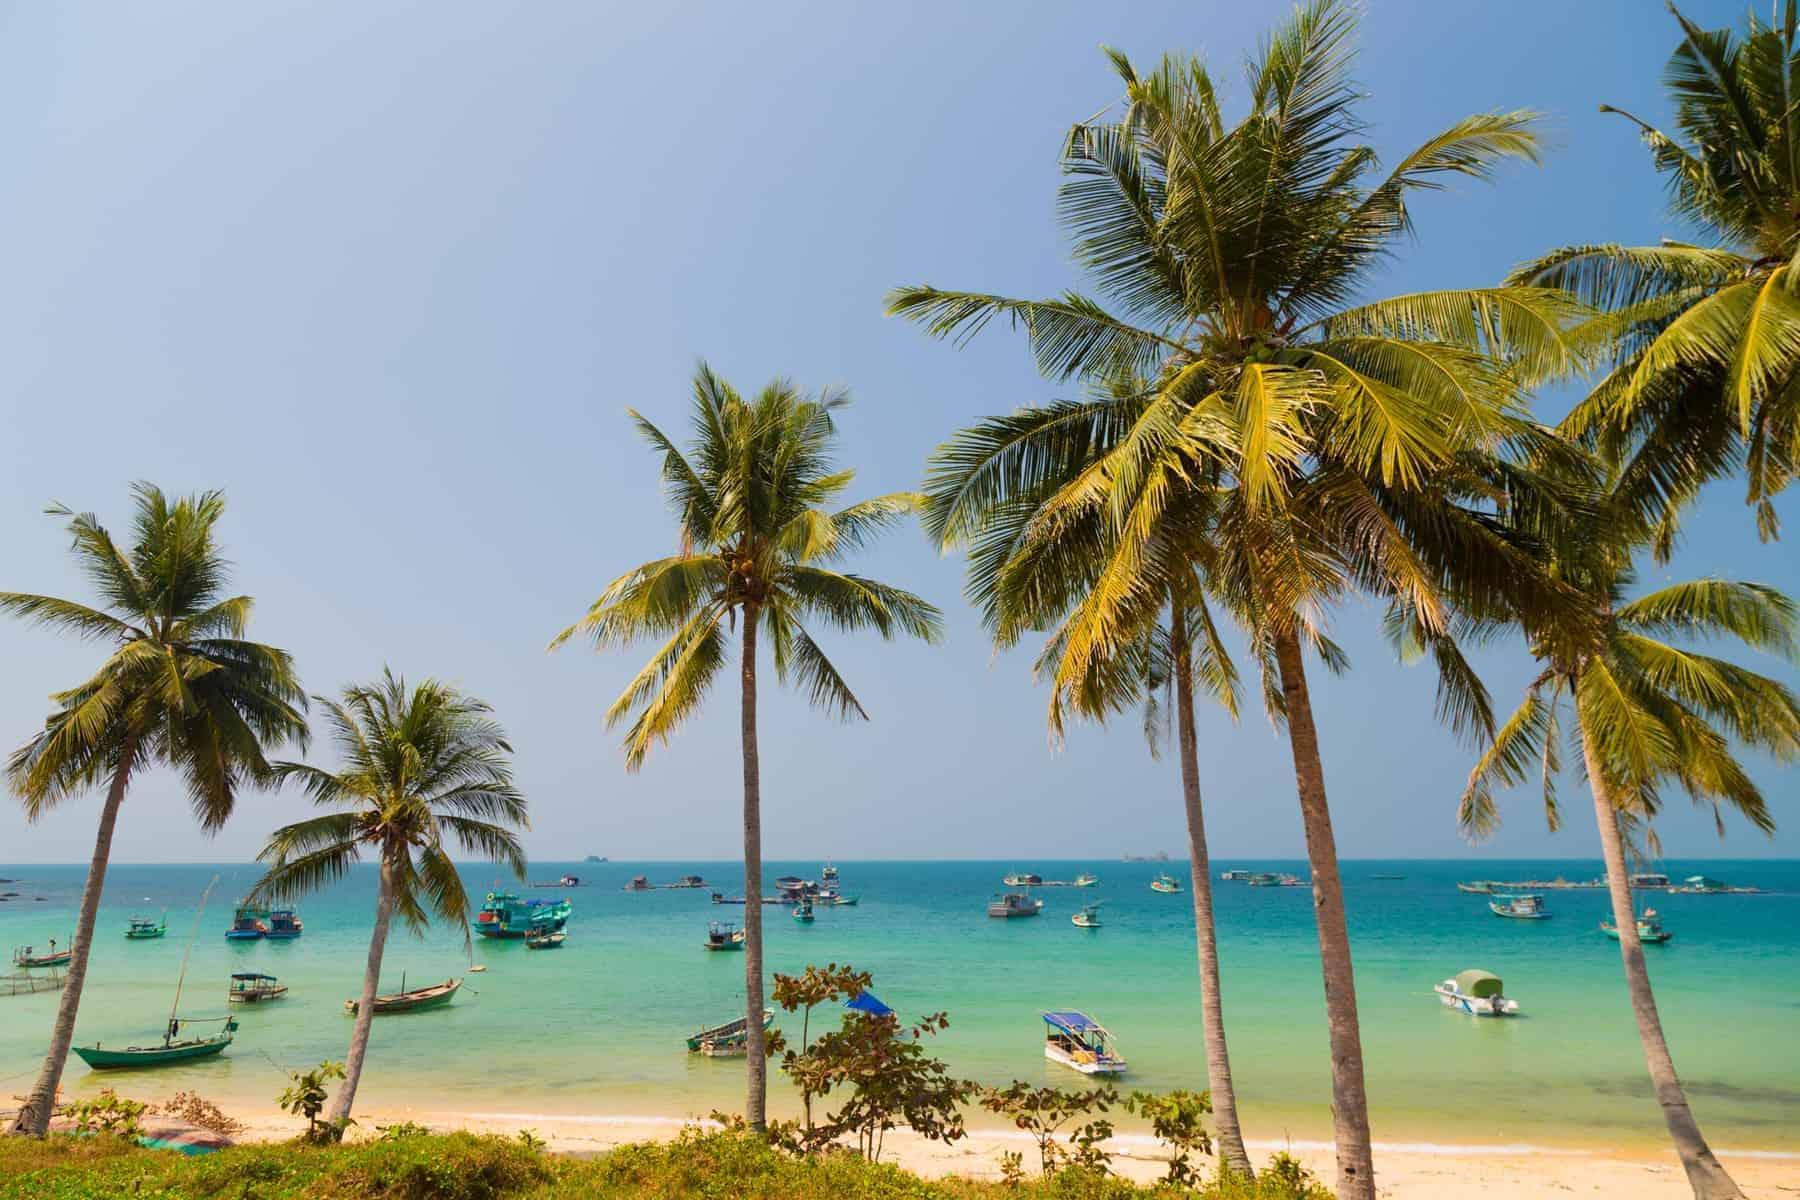 Phu Quoc, Vietnam, et af de mest eftertragtede rejsemål i Vietnam